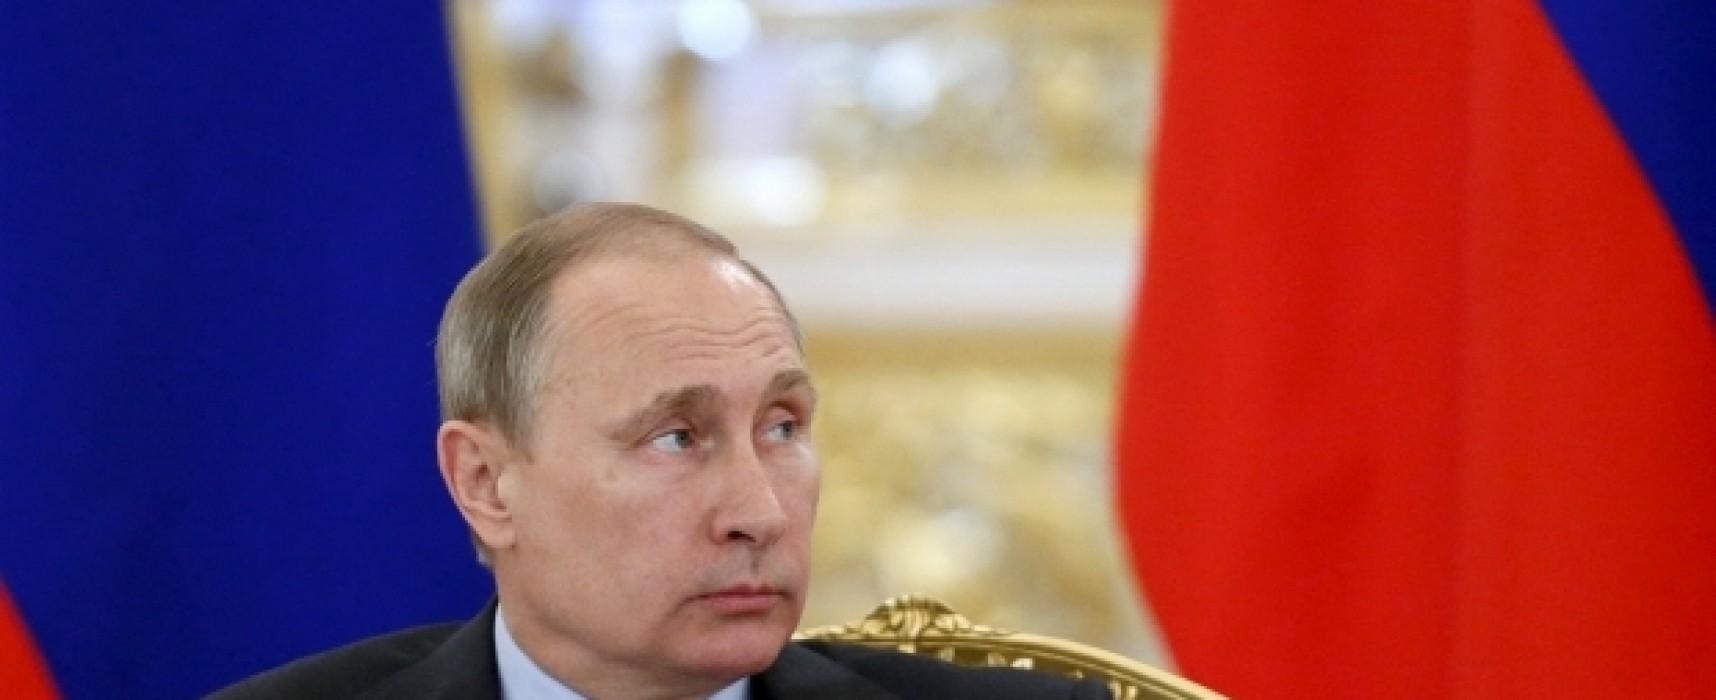 Die Welt: В России Путина царит ложь как система